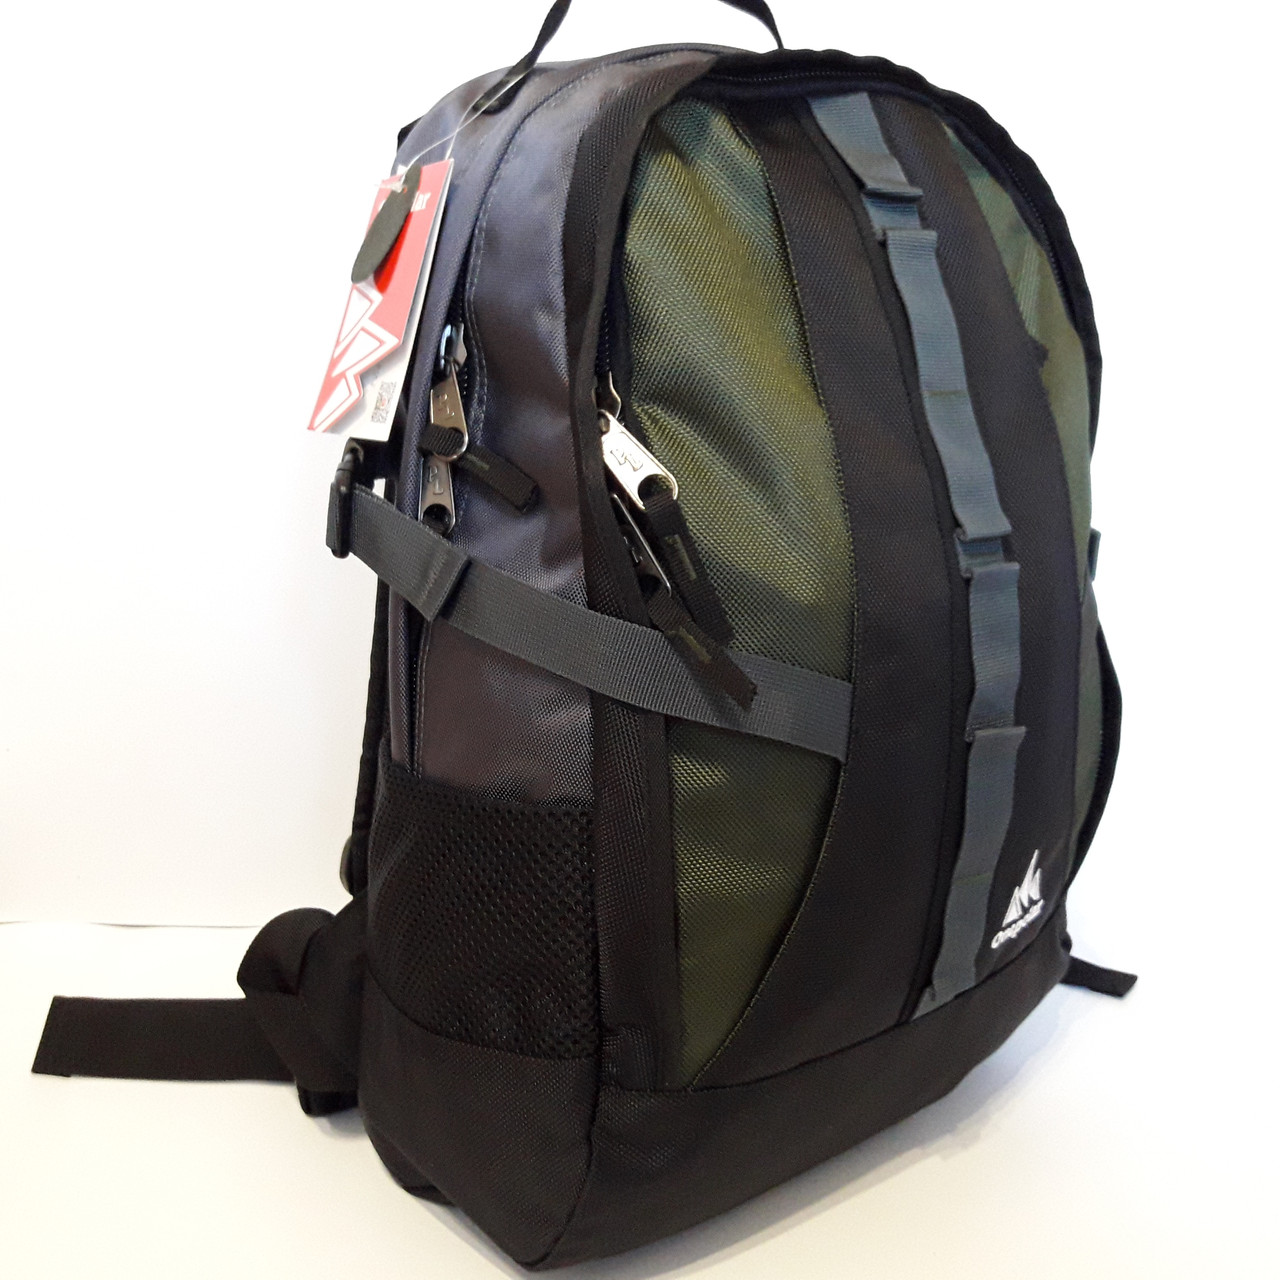 Мужской надежный рюкзак 27 л One polar W921 прочный долговечный